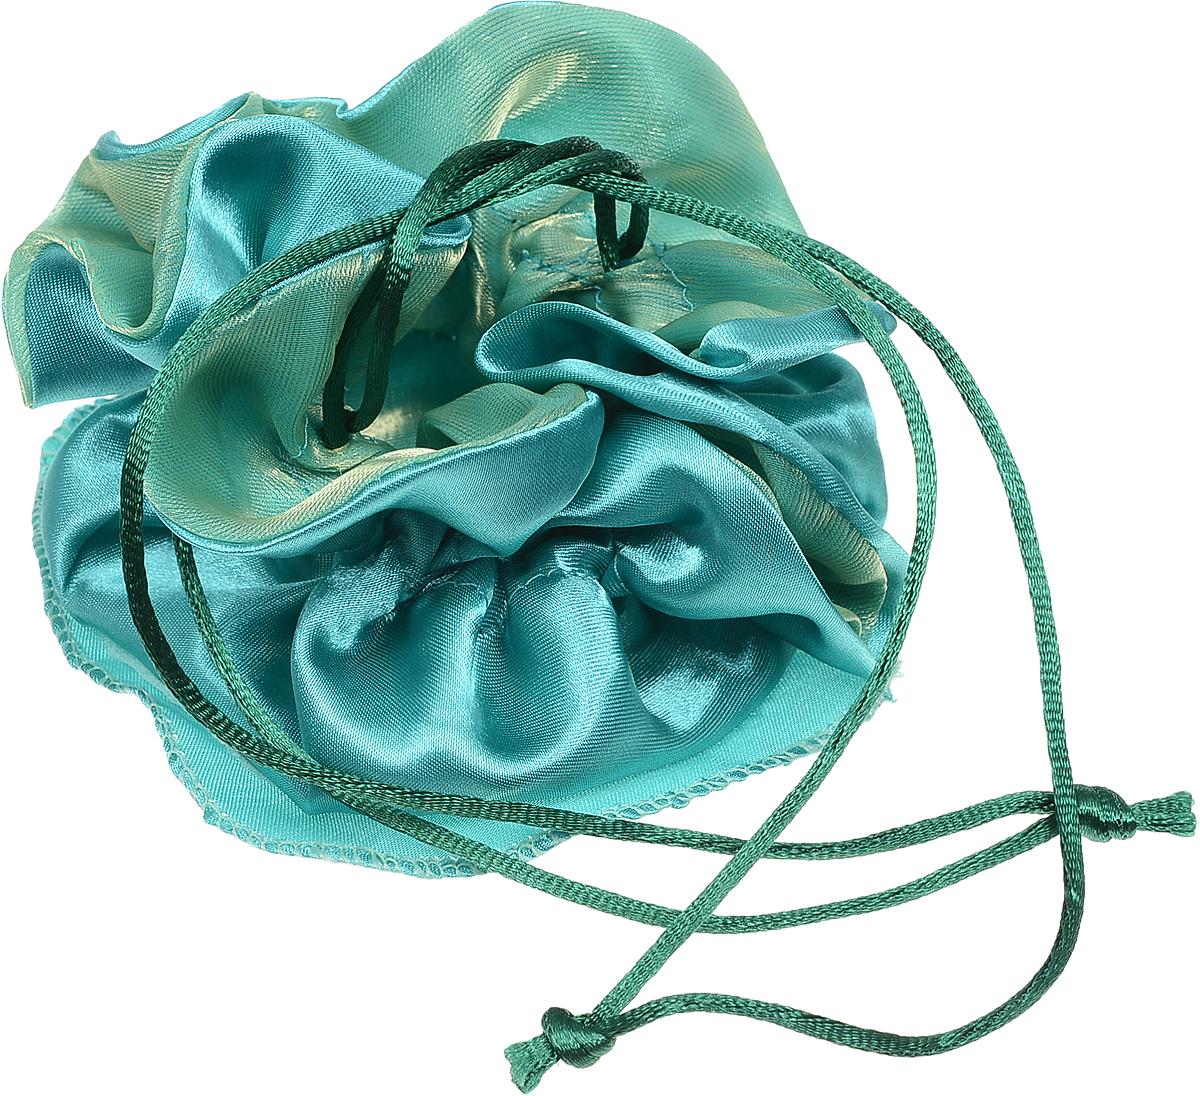 Мешочек для подарка Piovaccari Флу, цвет: бирюзовый, 25 х 25 см1899 14Мешочек для подарка Piovaccari Флу, изготовленный из прозрачного полиэстера, позволит положить внутрь небольшой сувенир, украшение или маленькую игрушку и сделает момент вручения подарка по-настоящему интригующим и торжественным.